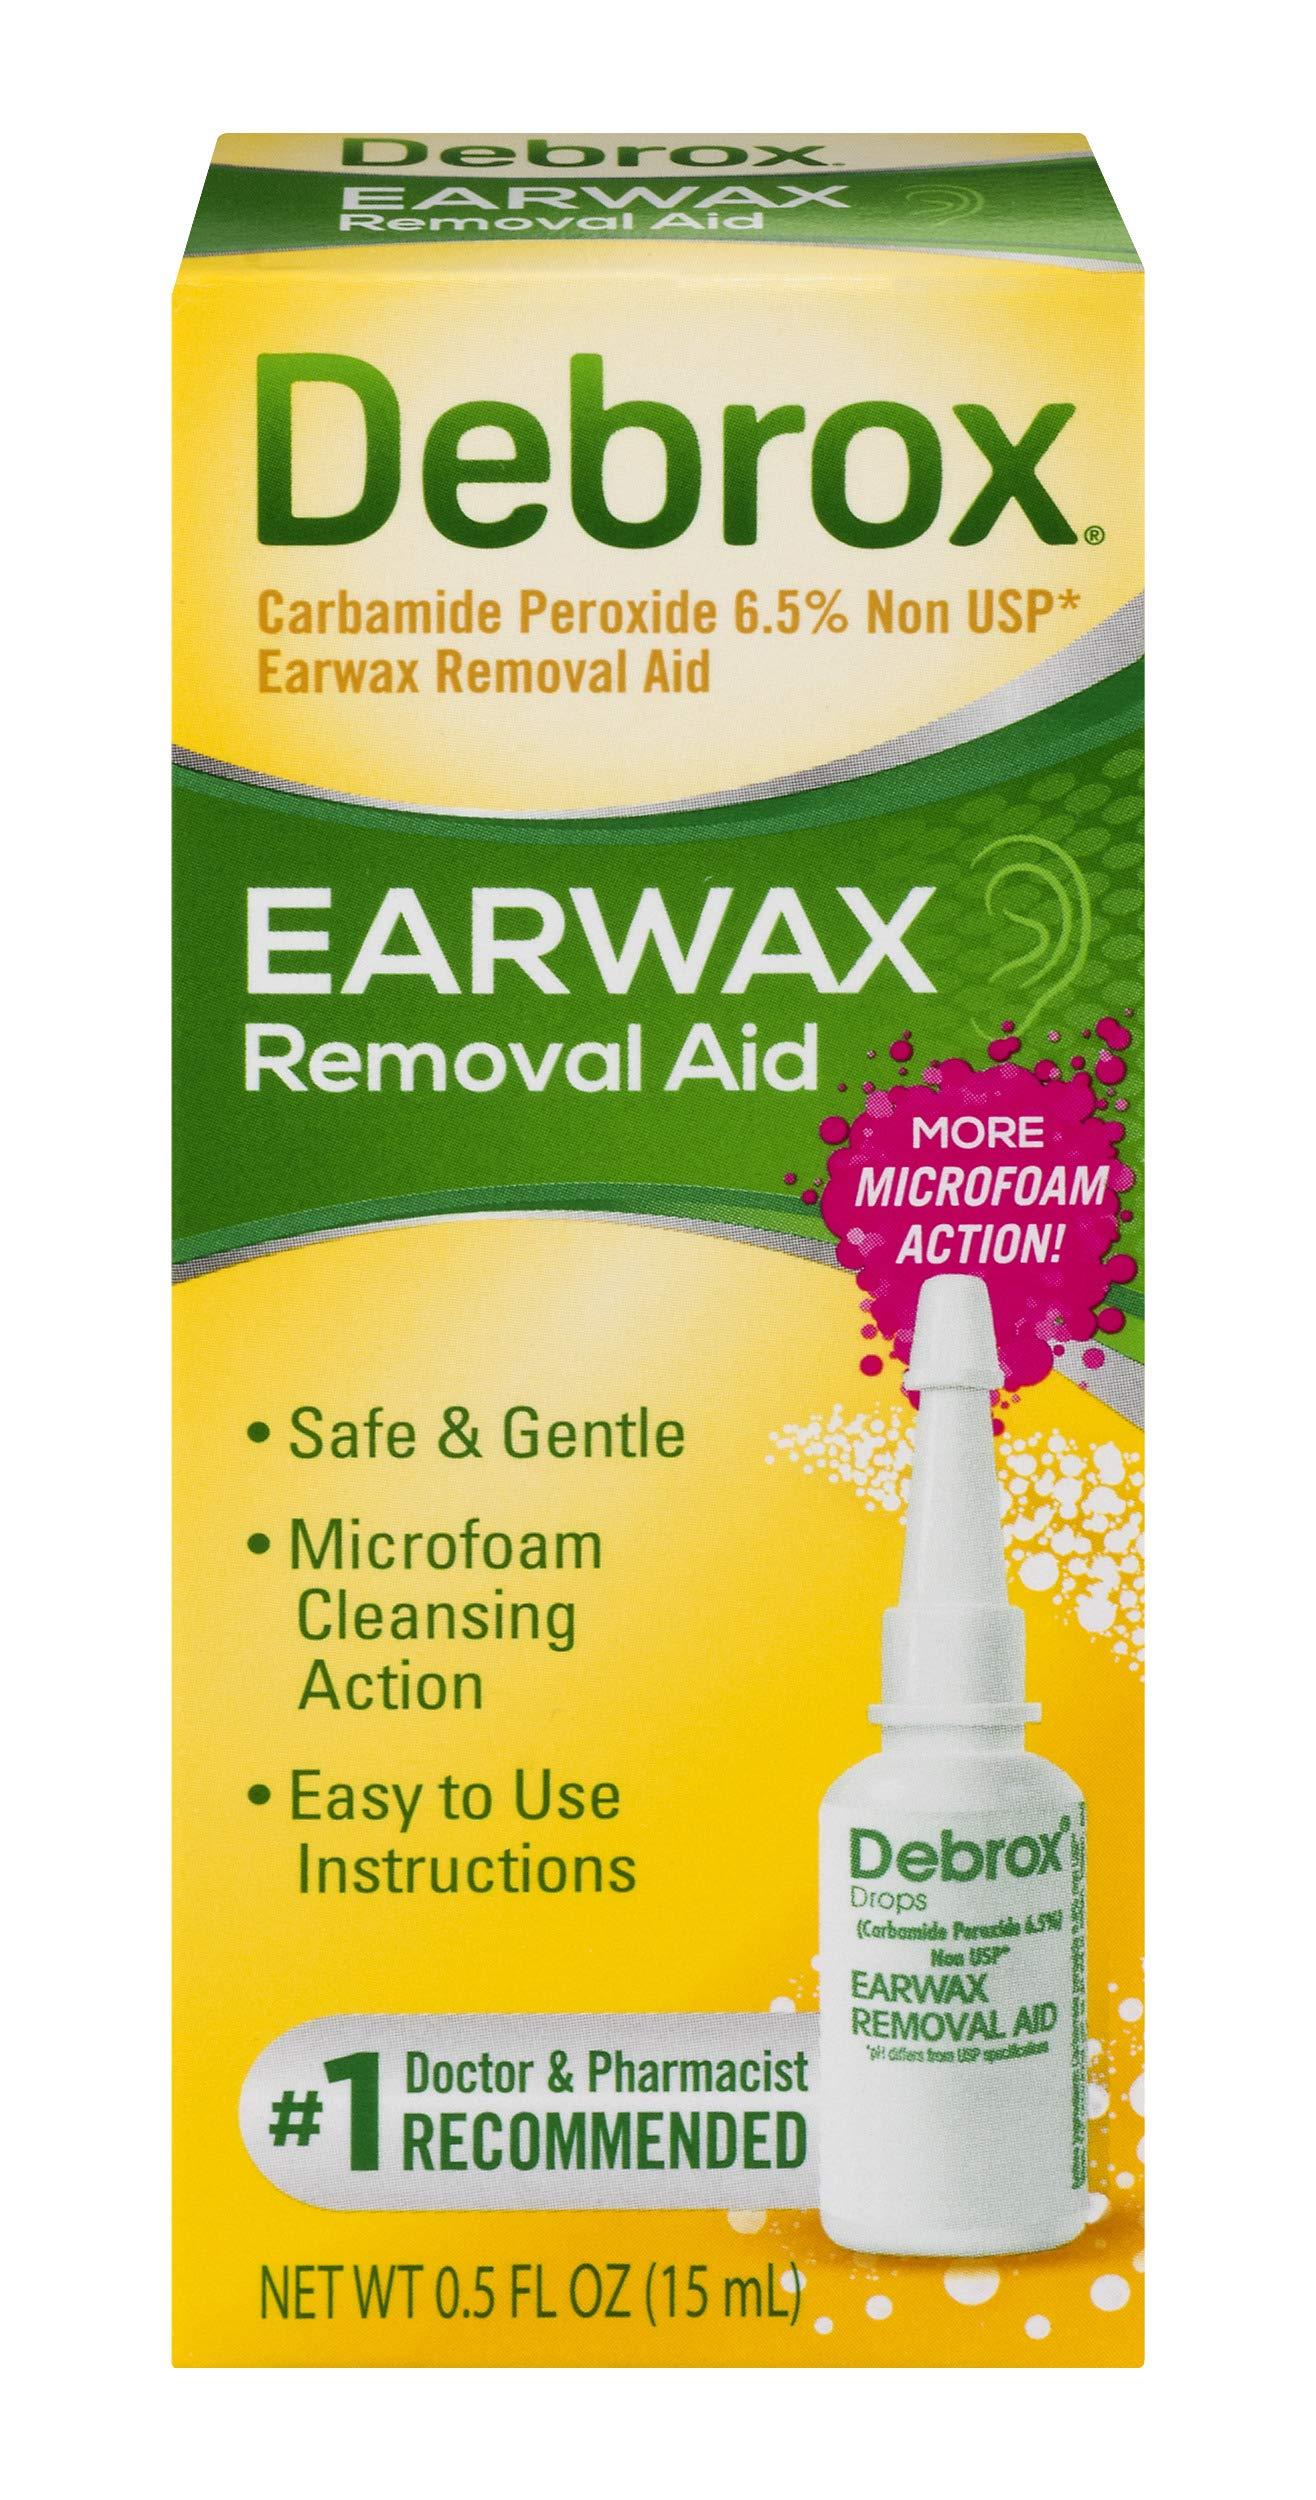 Debrox Drops Earwax Removal drops